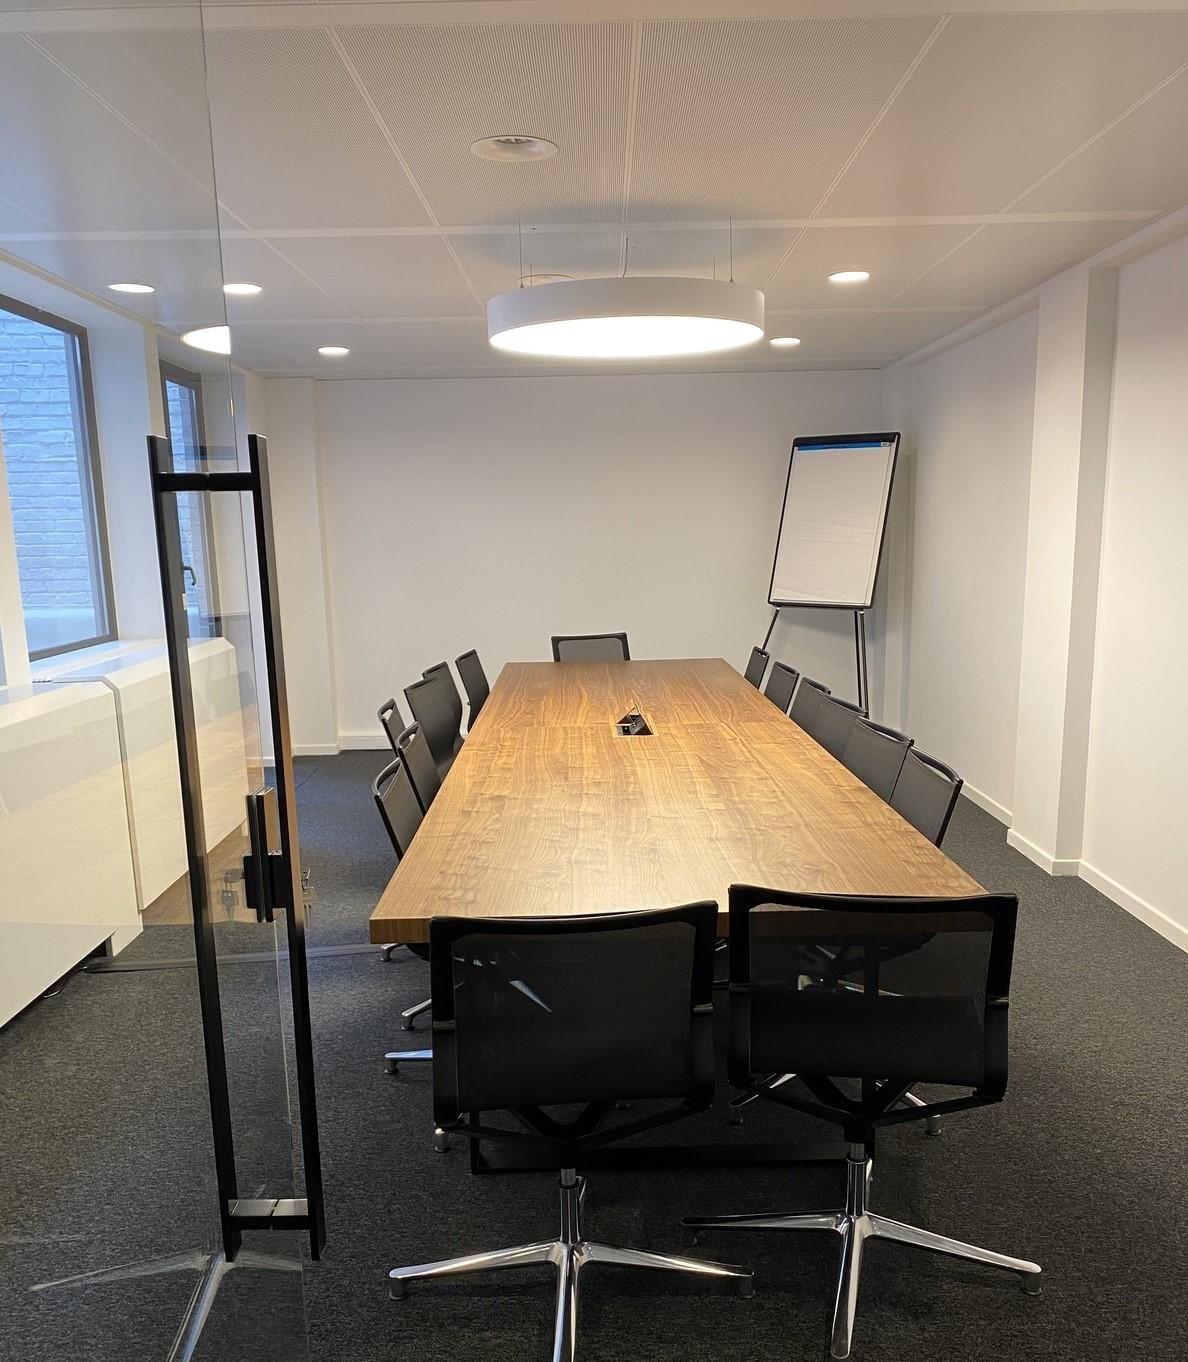 Vergaderzaal met lange vergadertafel en stoelen